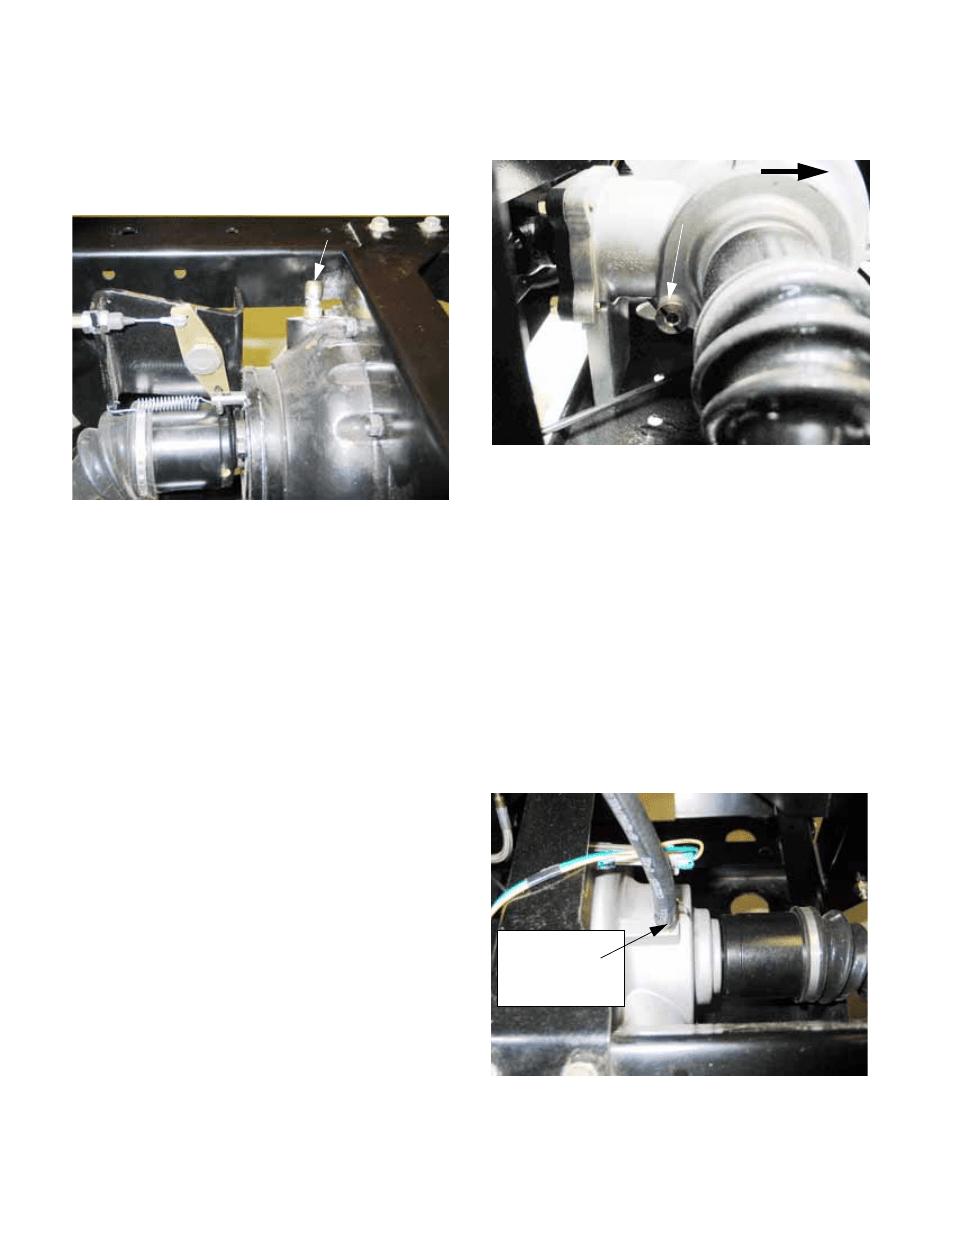 hight resolution of cub cadet 4 x 4 volunteer user manual page 98 328 cub cadet utv transmission schematic